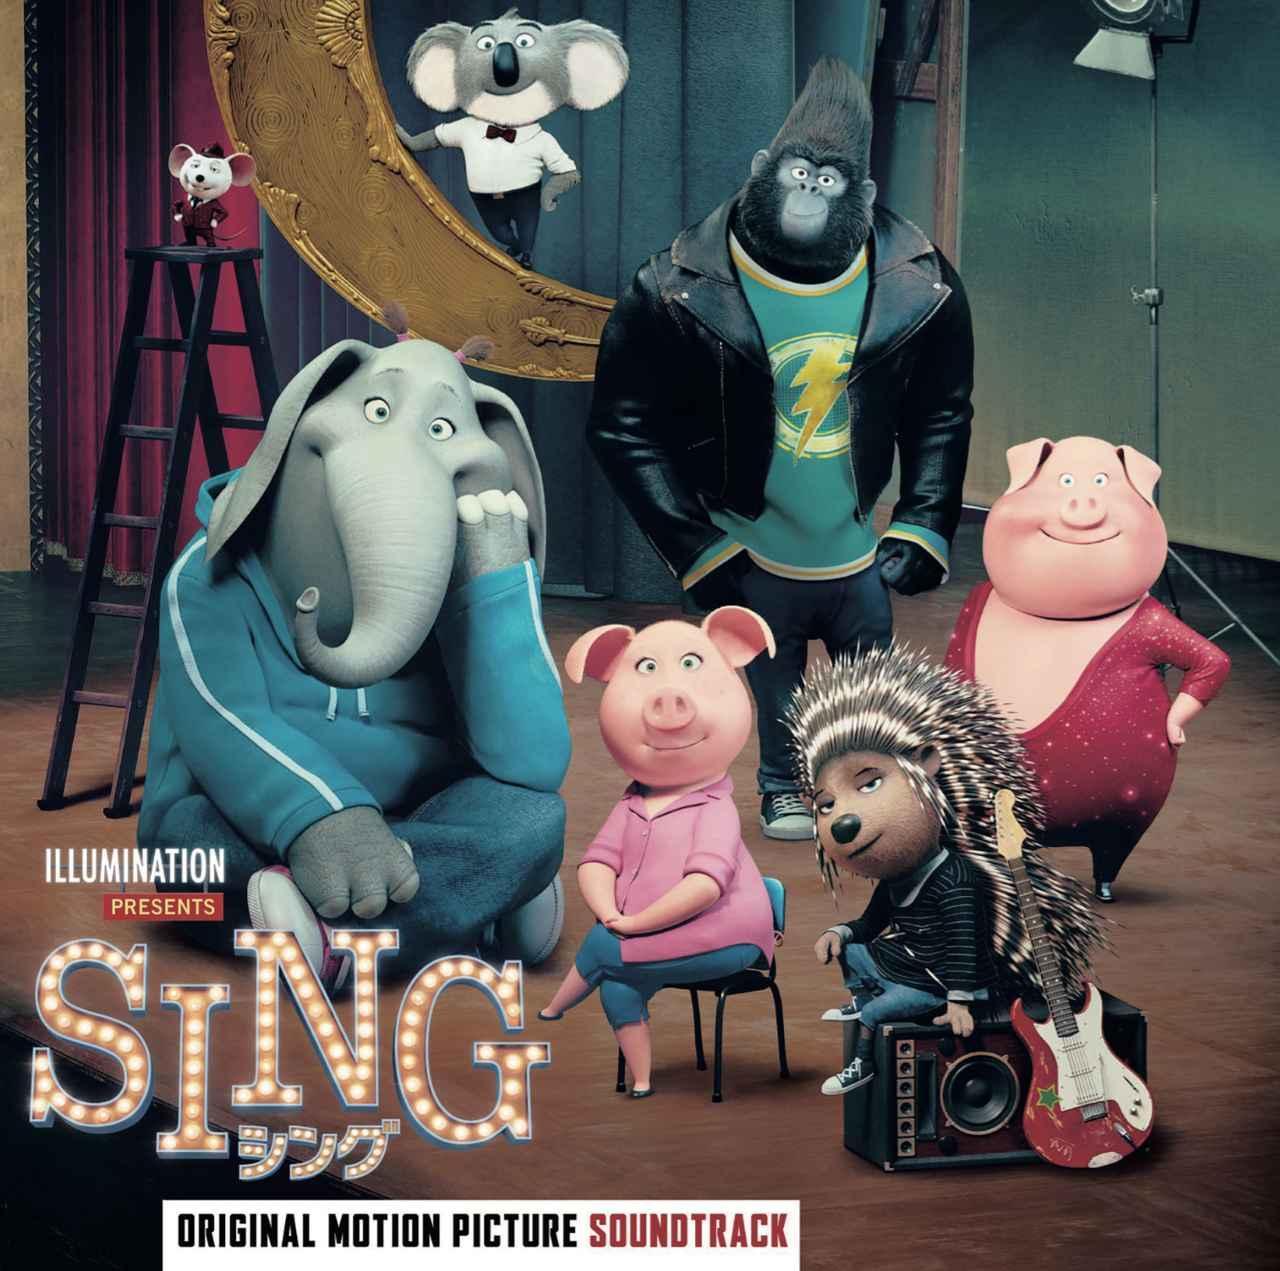 画像: 歌がすごい! 歌ってる俳優もすごい!聞くだけでハッピー♥の名曲&ヒット曲ぞろいの【SING/シング】!キャラ別見どころCHECK!! - SCREEN ONLINE(スクリーンオンライン)